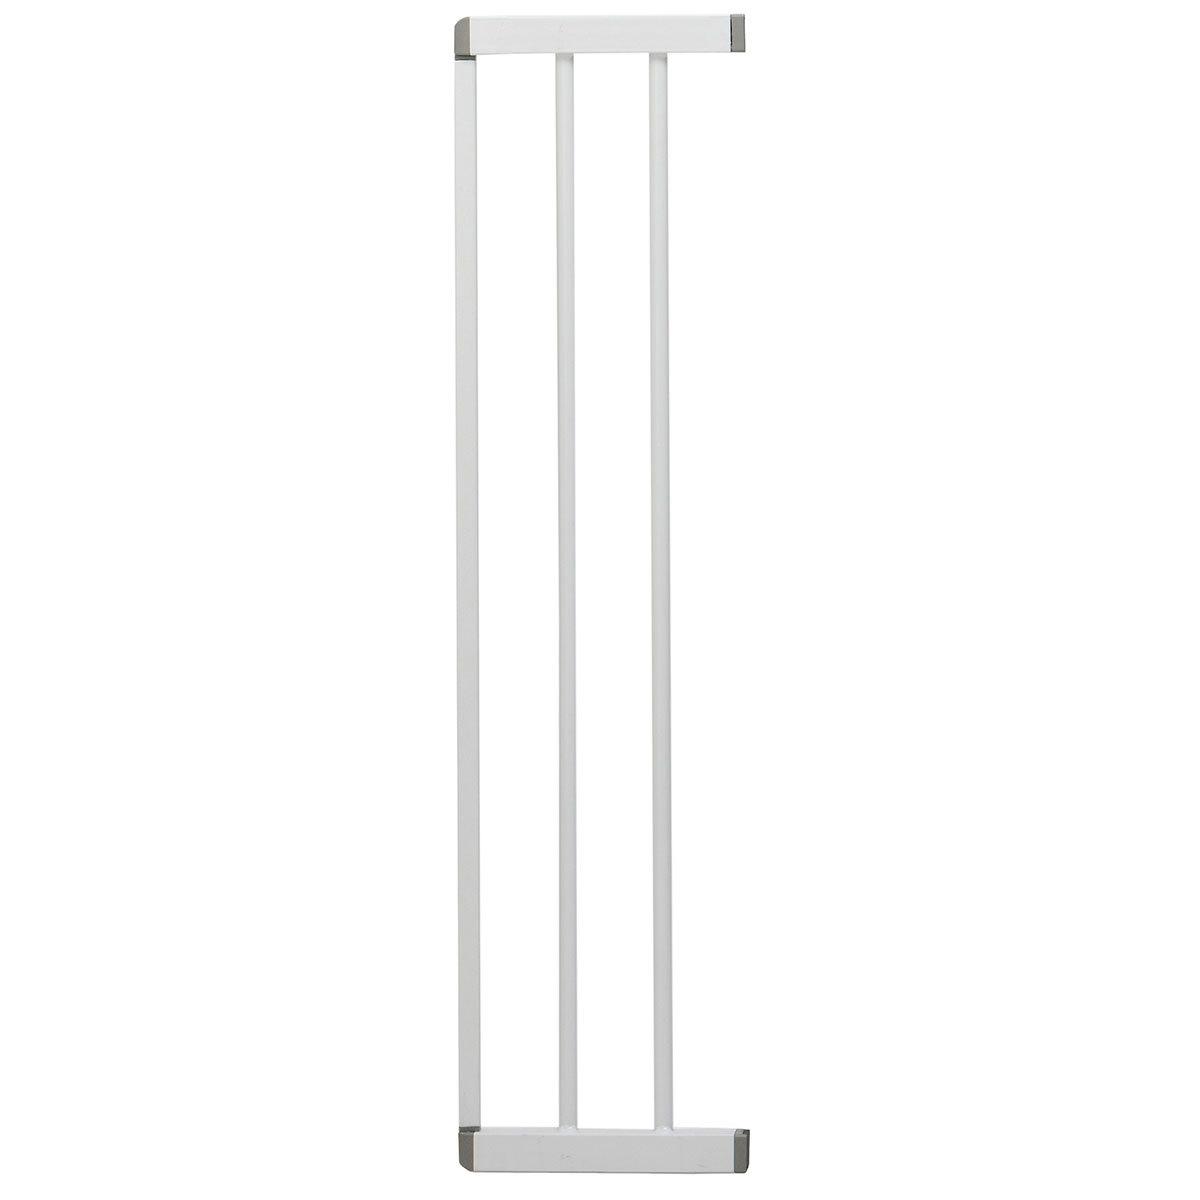 Barrière de sécurité Extension Easy Close 17 cm - Blanc Extension Easy Close 17 cm - Blanc